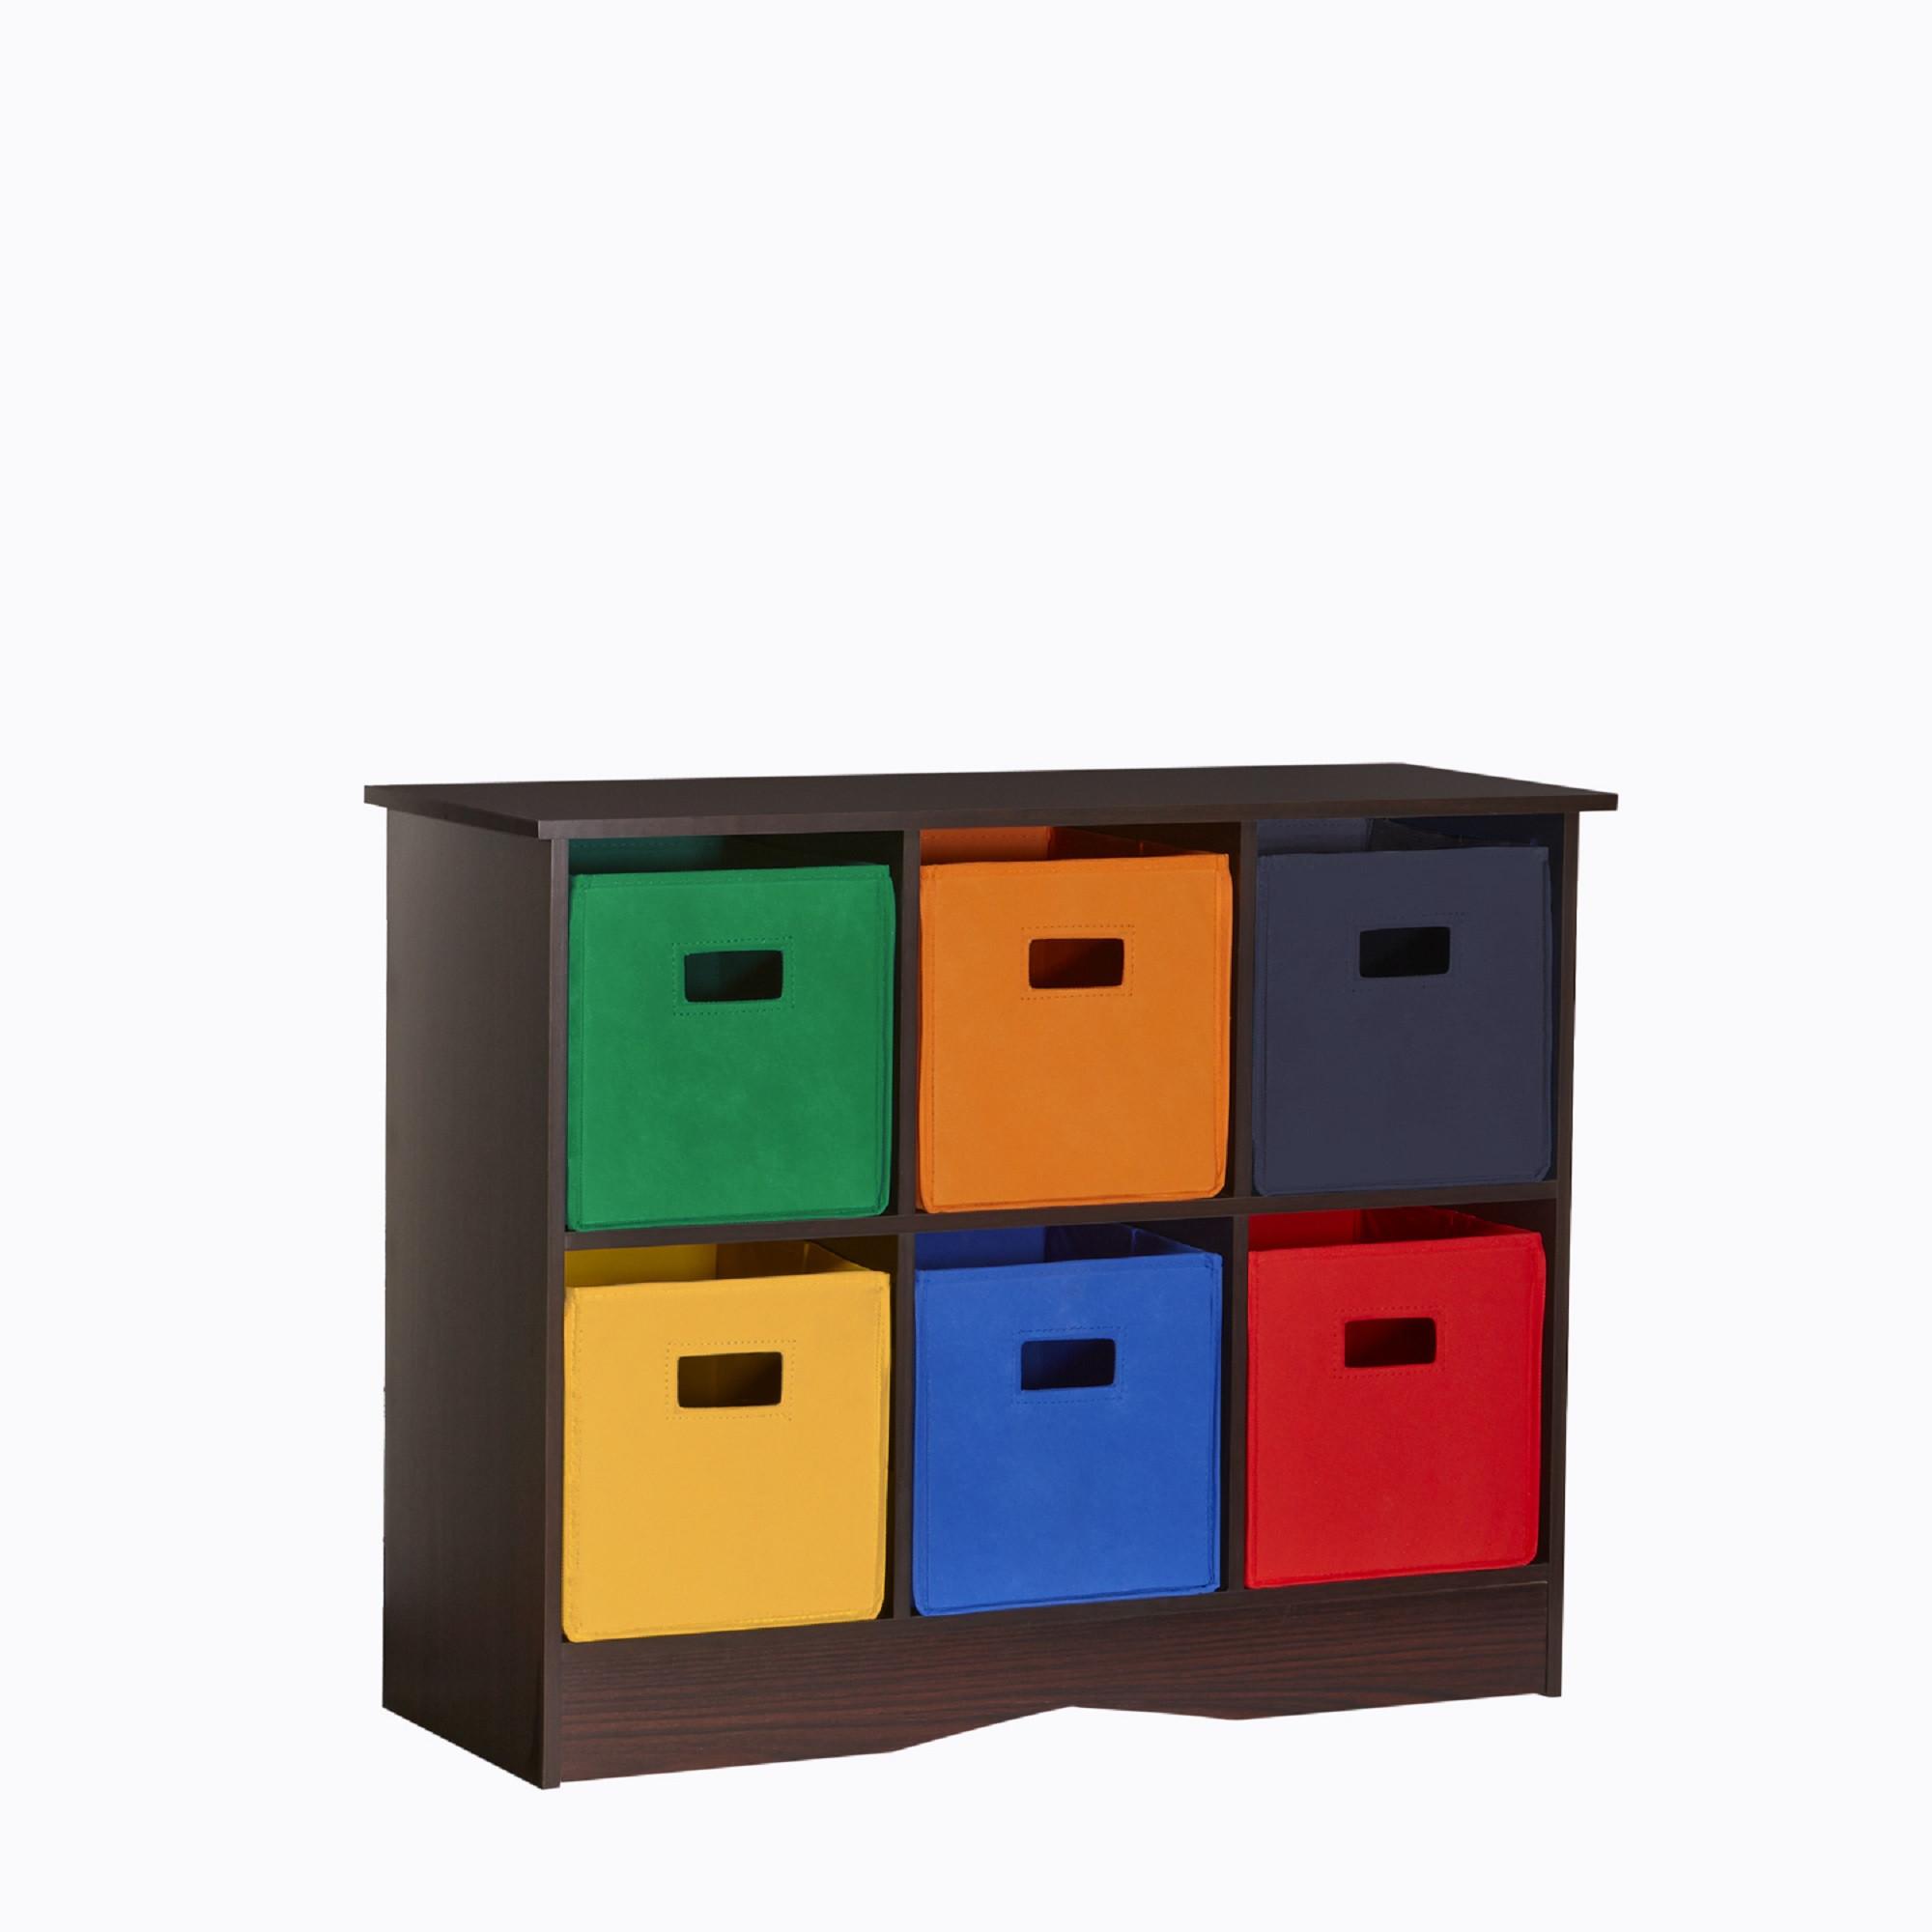 Childrens Storage Cabinet  RiverRidge Kids 6 Bin Storage Cabinet Espresso Primary